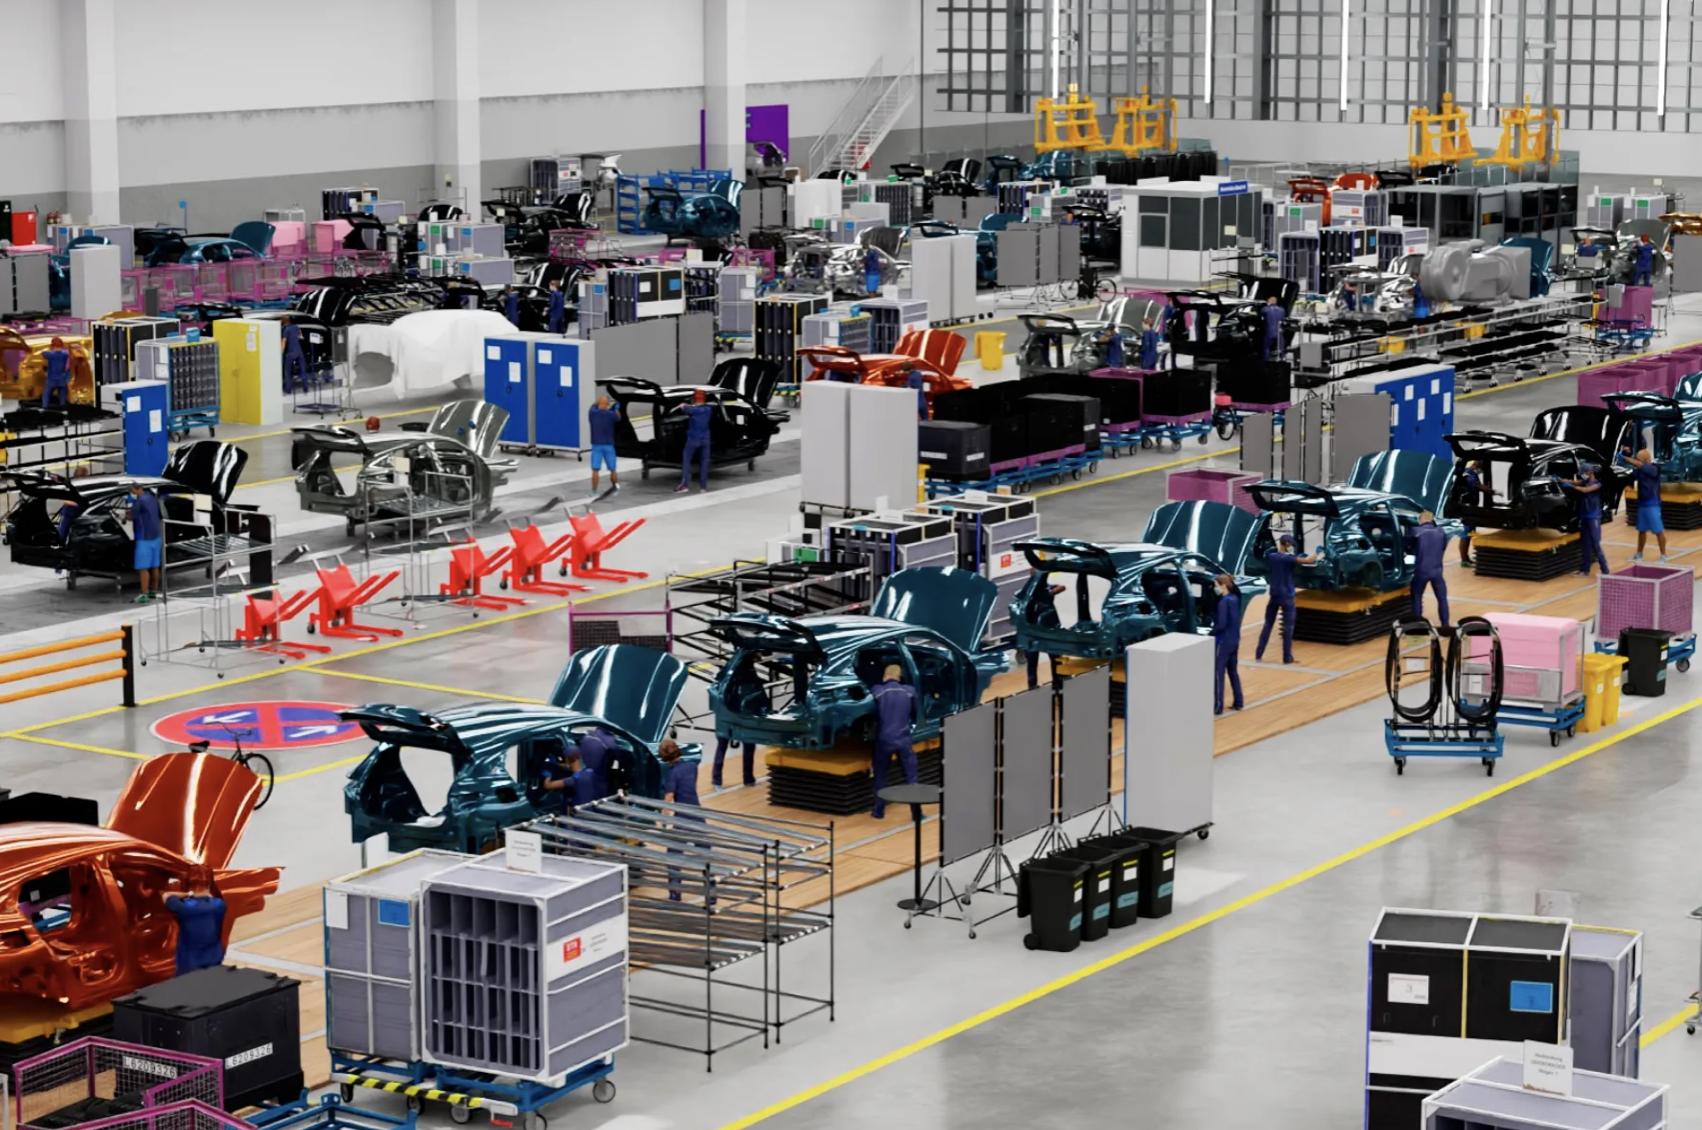 Obrazek pokazuje fabrykę w Regensburgu, gdzie Nvidia pomoże w automatyzacji linii montażowej.